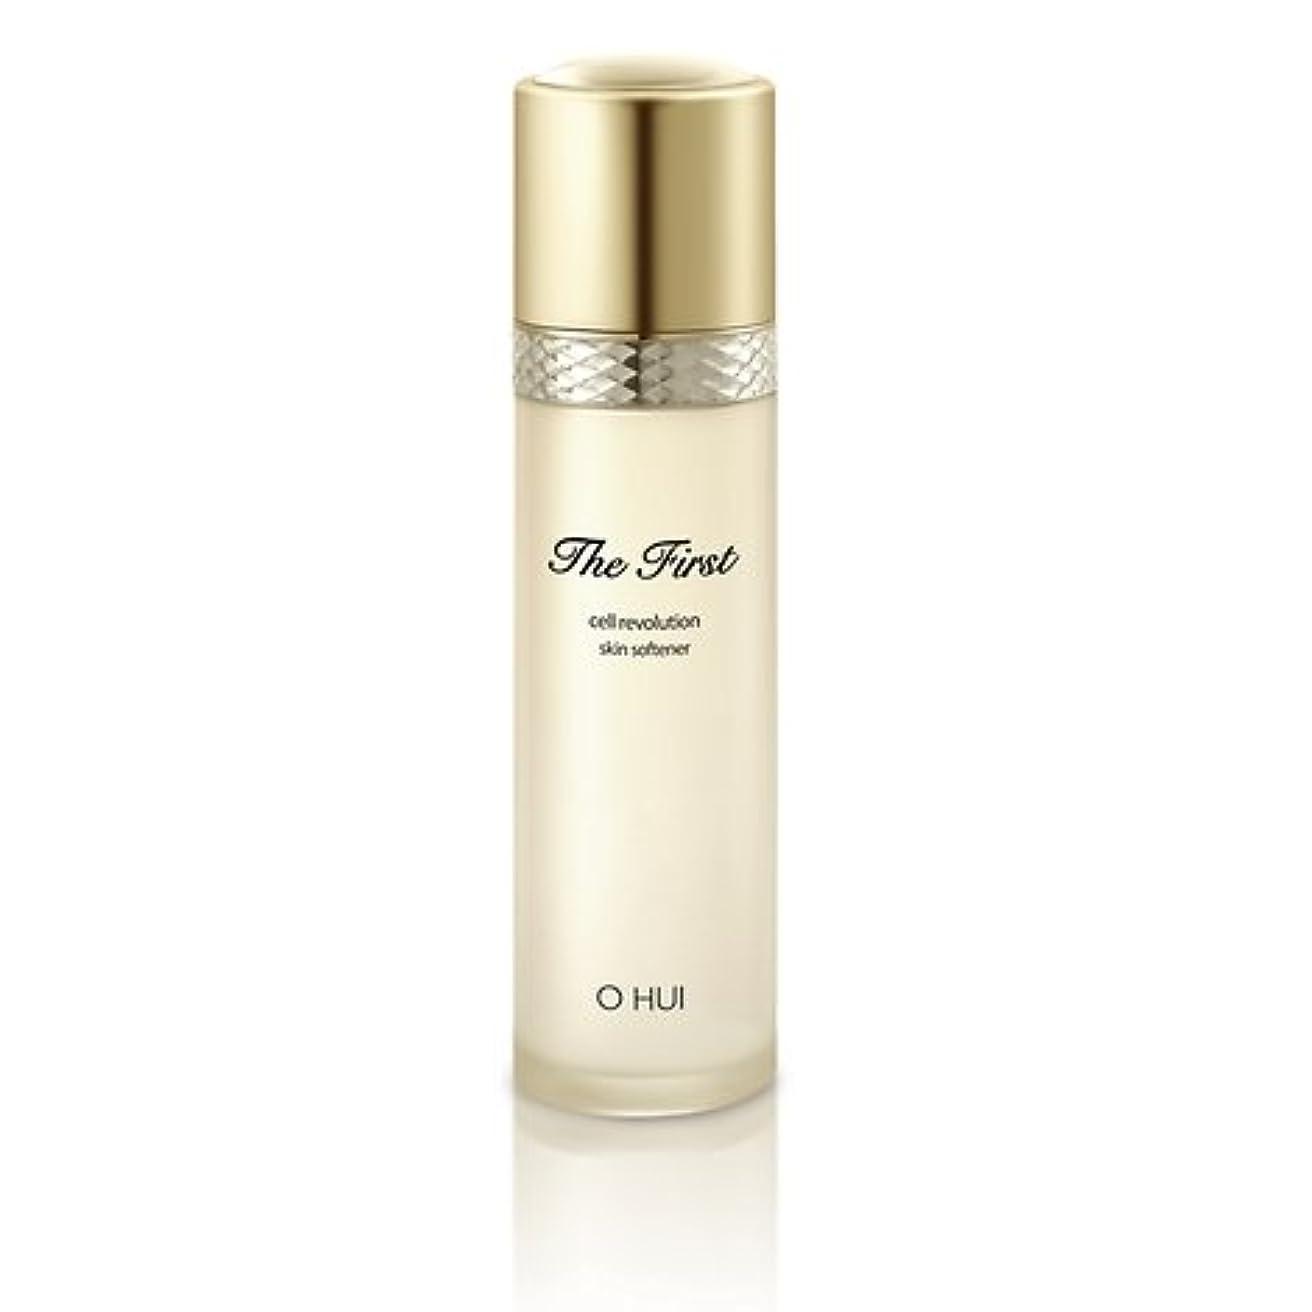 オーラル可動式海里Ohui The First Cell Revolution Skin Softener_150ml